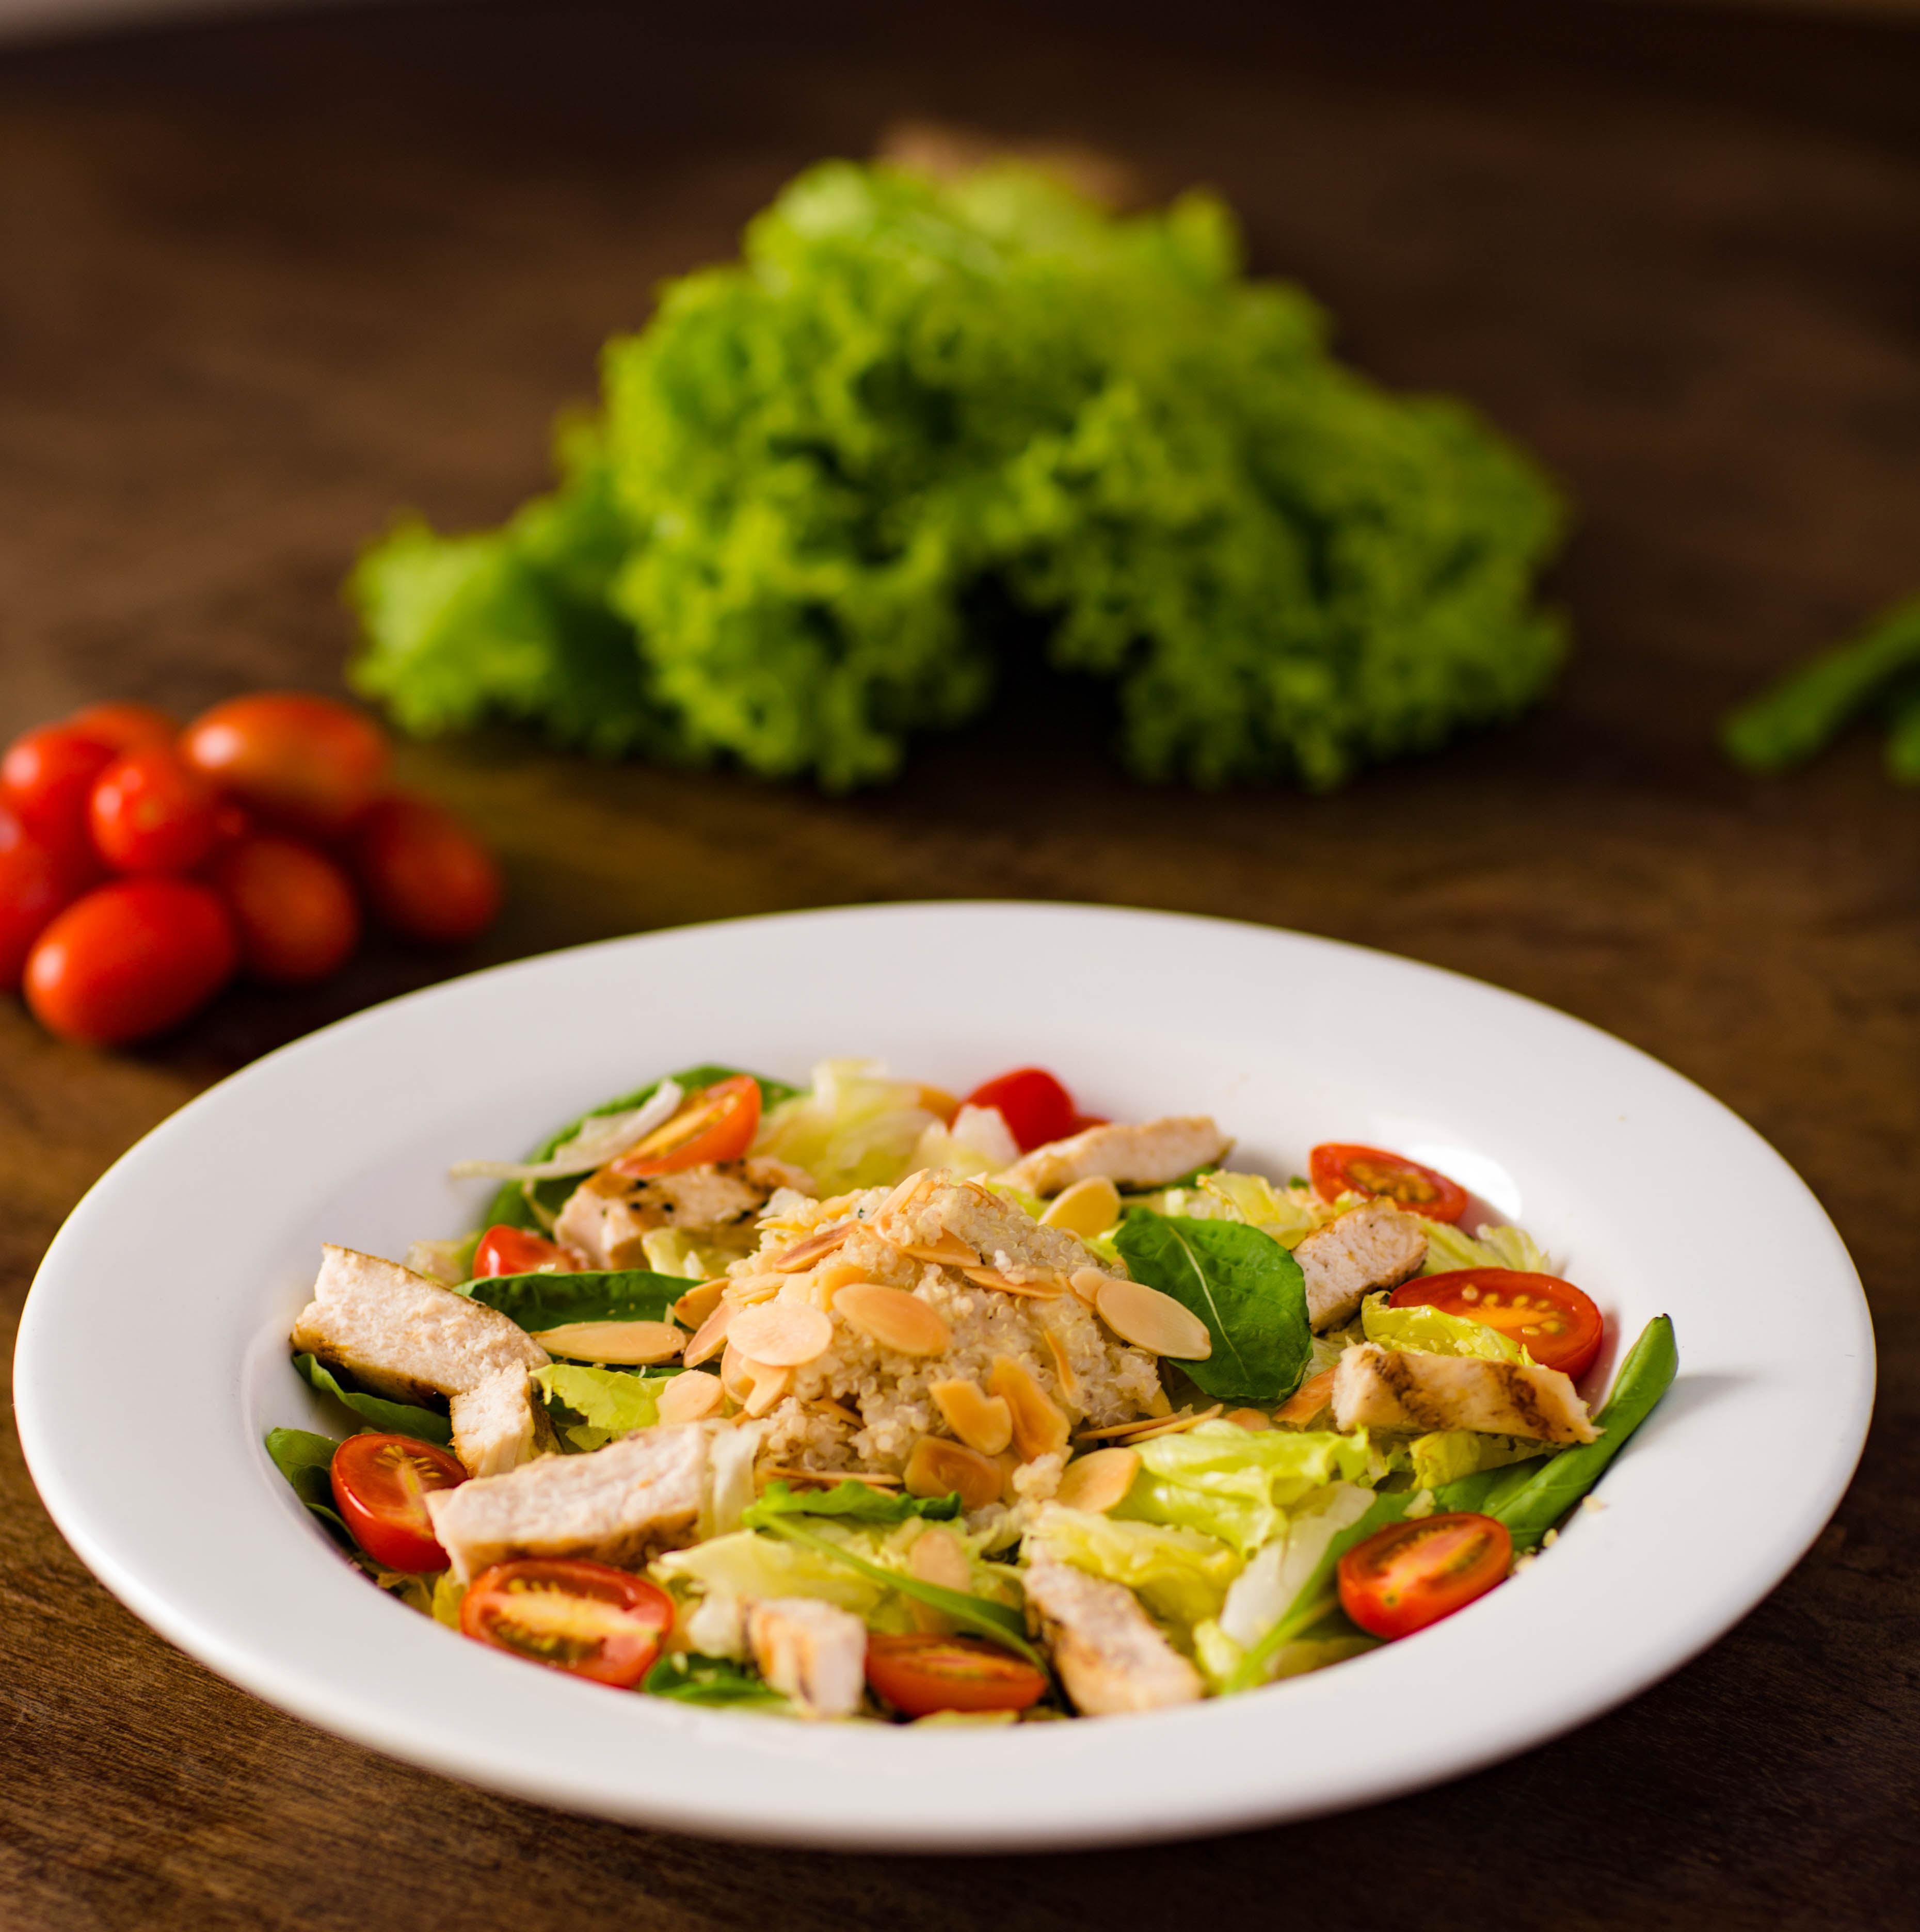 Em um prato branco fundo, há uma salada com folhas verdes, tomates, pedaços de frango e quinoa. No fundo, desfocado, aparece um pé de alface e tomates-cereja